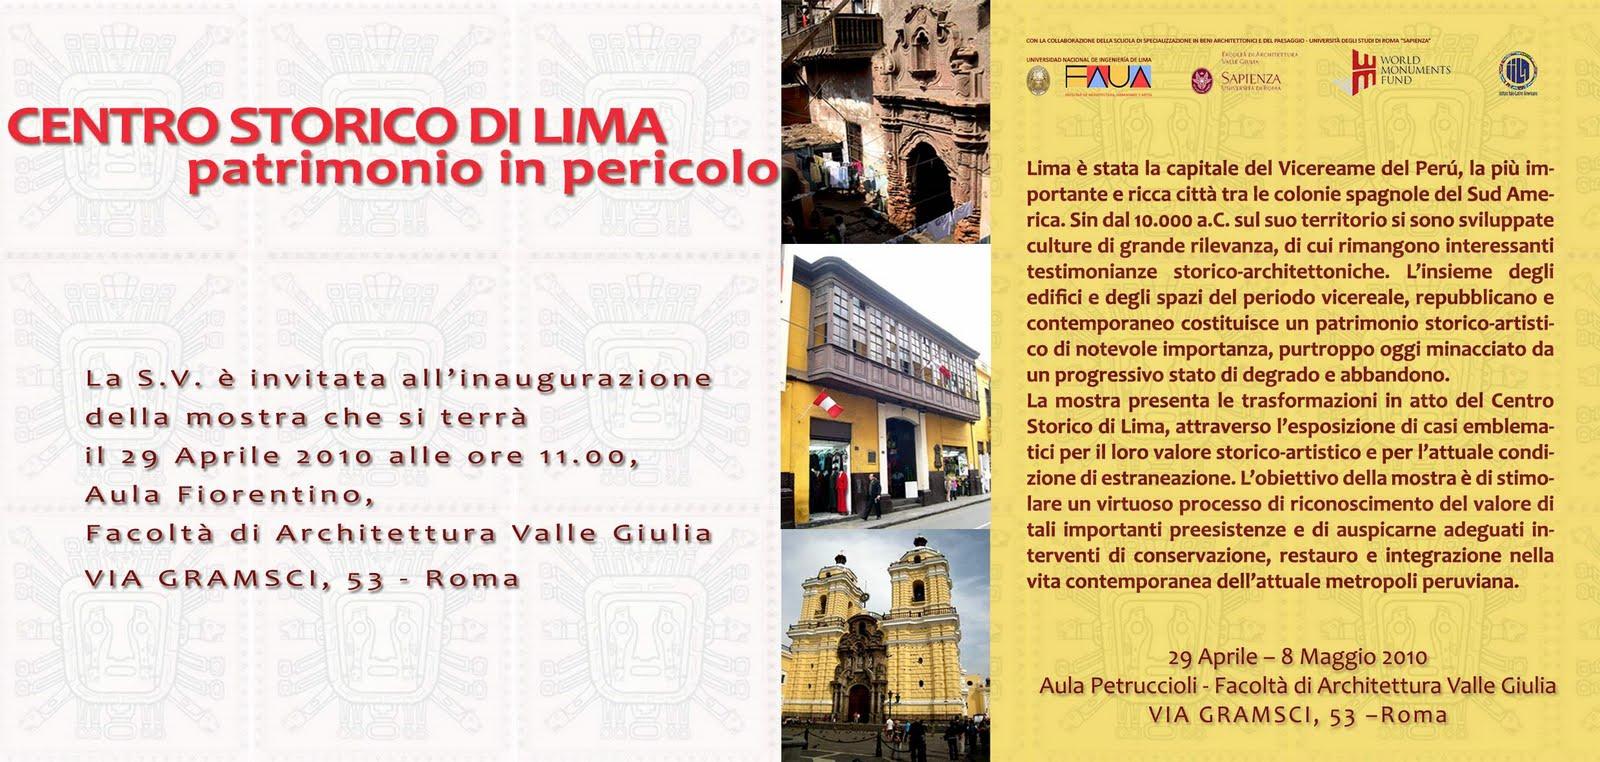 Bit cora arquitectura peruana centro storico di lima for Studi di architettura roma